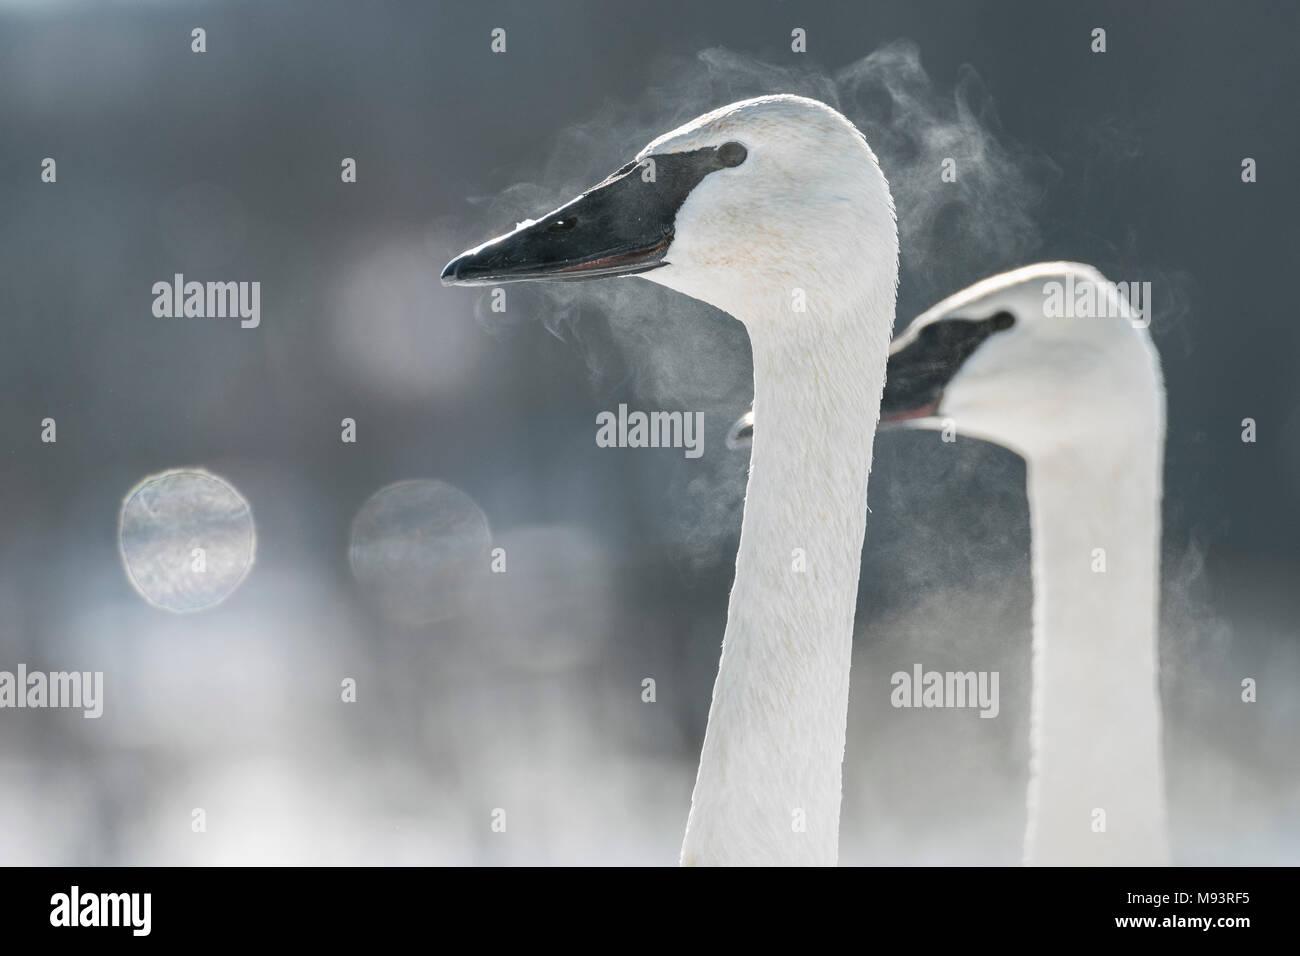 Le Cygne, souffle, montrant (Cygnus buccinator), Hudson, WI, fin janvier, par Dominique Braud/Dembinsky Assoc Photo Photo Stock